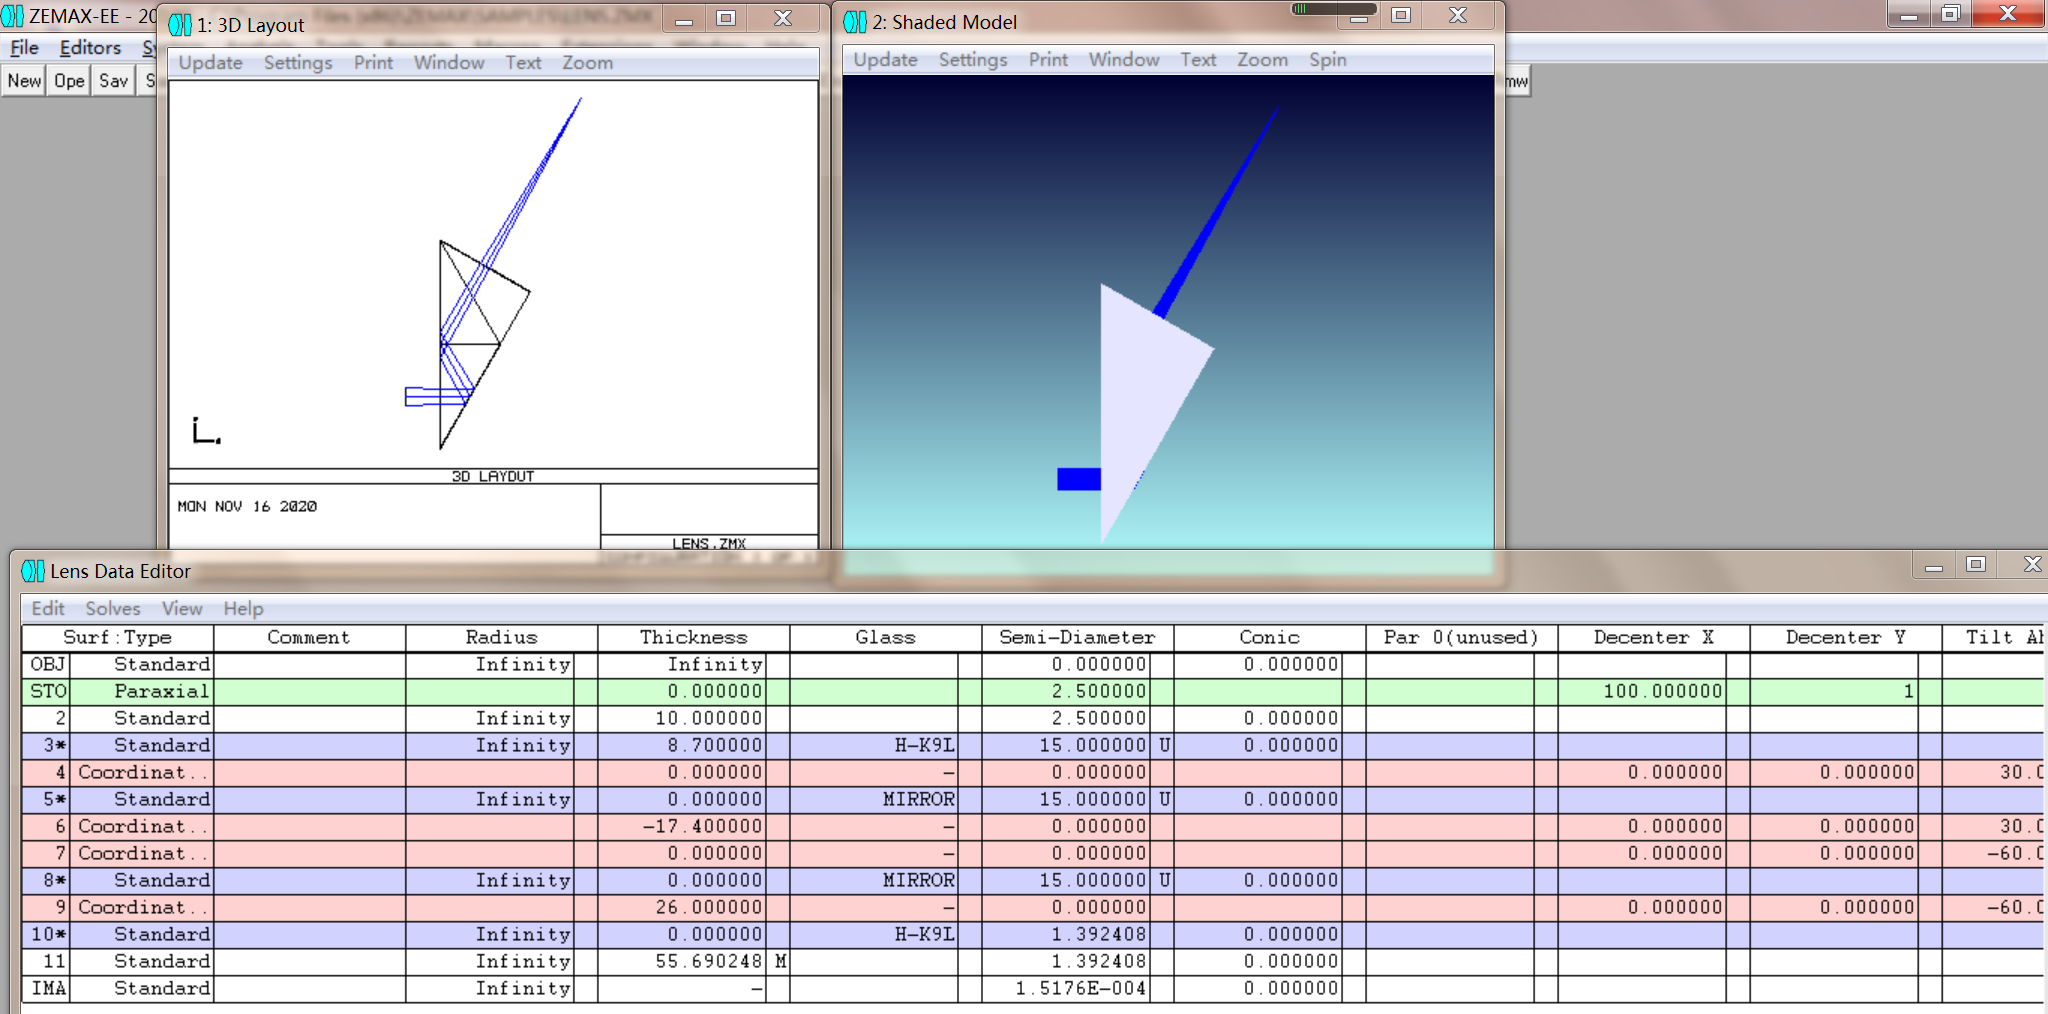 30度转向棱镜――ZEMAX坐标断点法模拟(不用非序列)